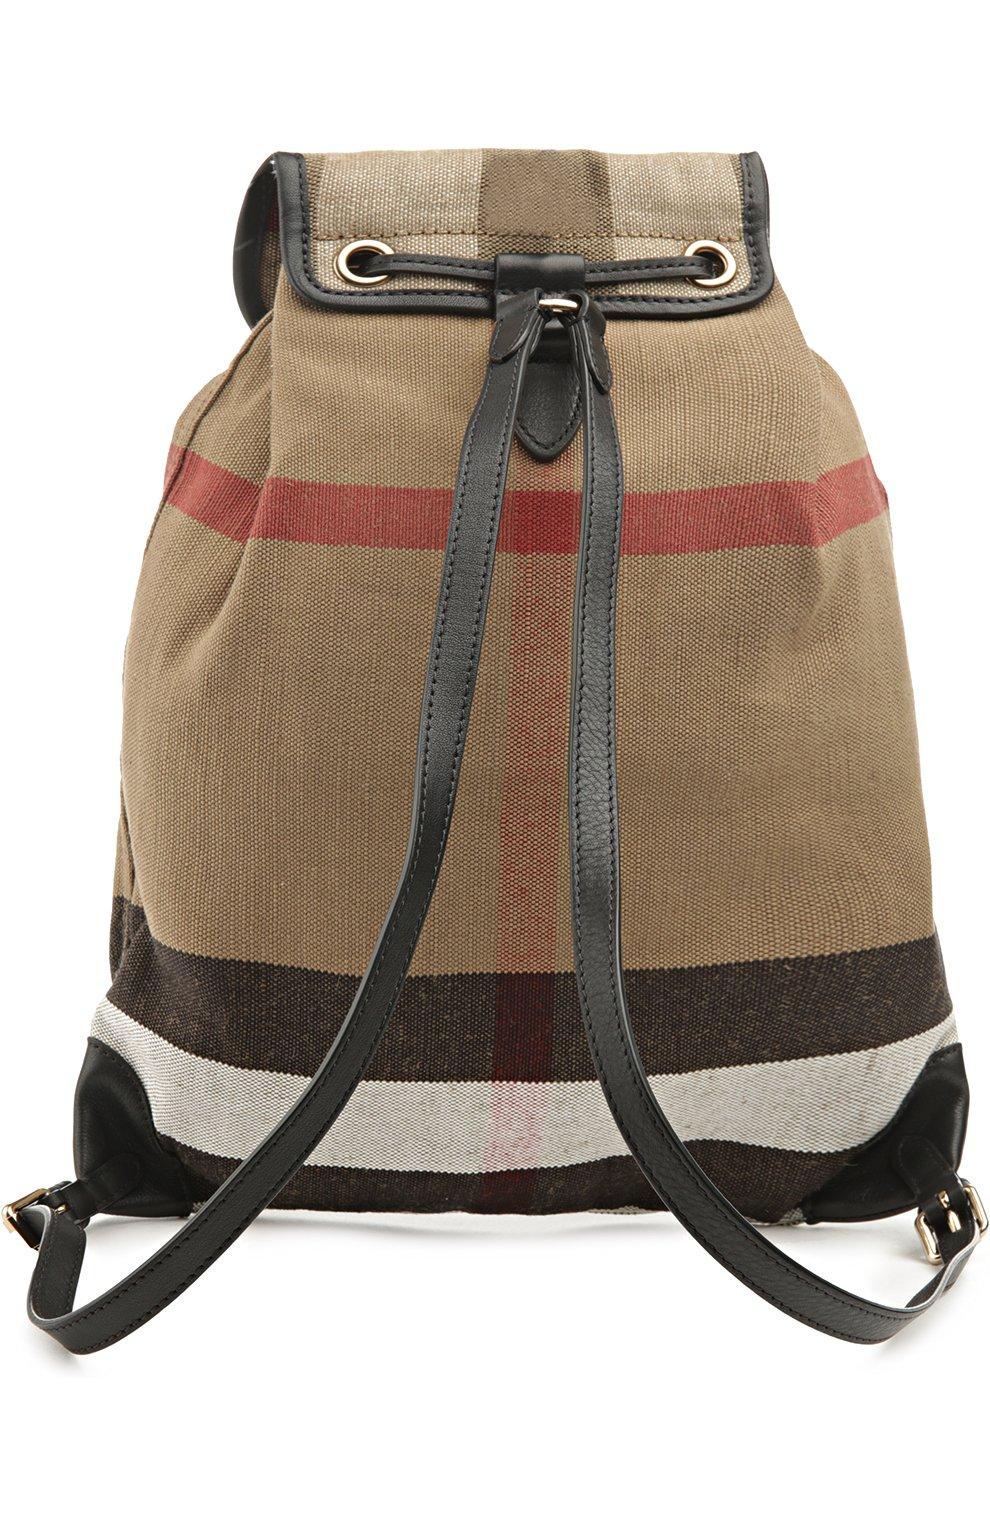 Рюкзак Chiltern из клетчатого текстиля с кожаной отделкой | Фото №2